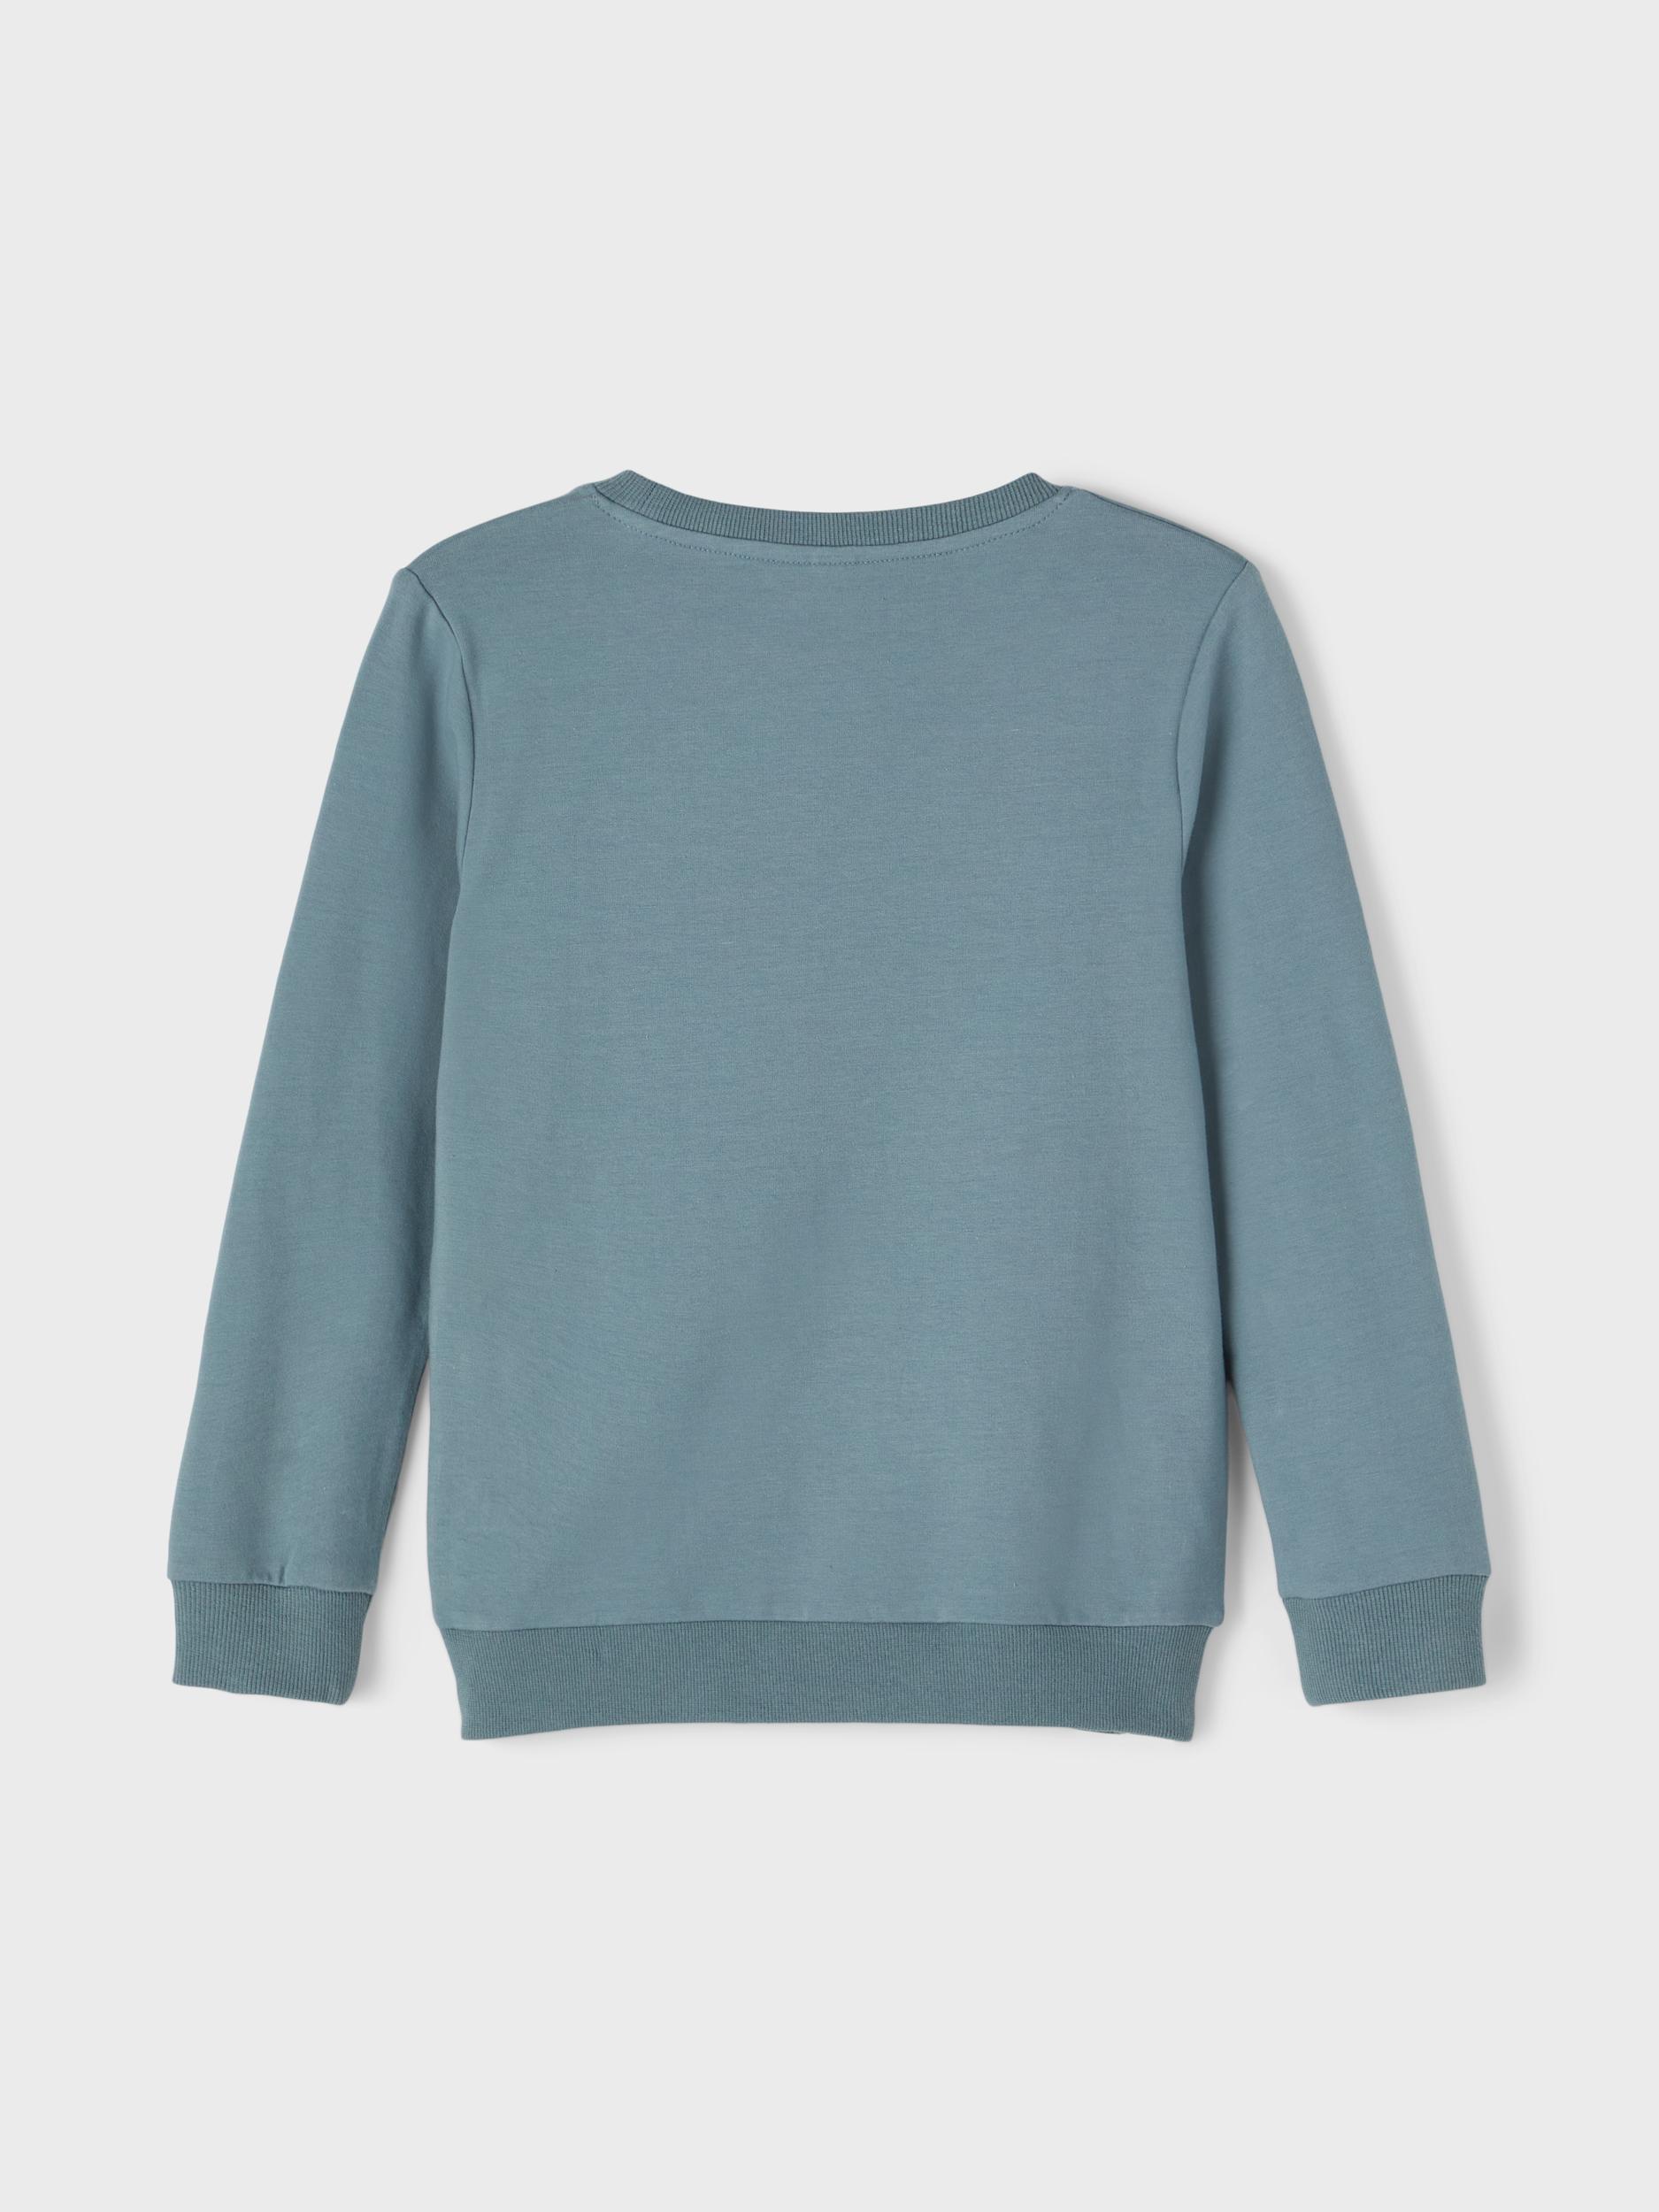 Name It Honk Sweatshirt, Trooper, 134-140